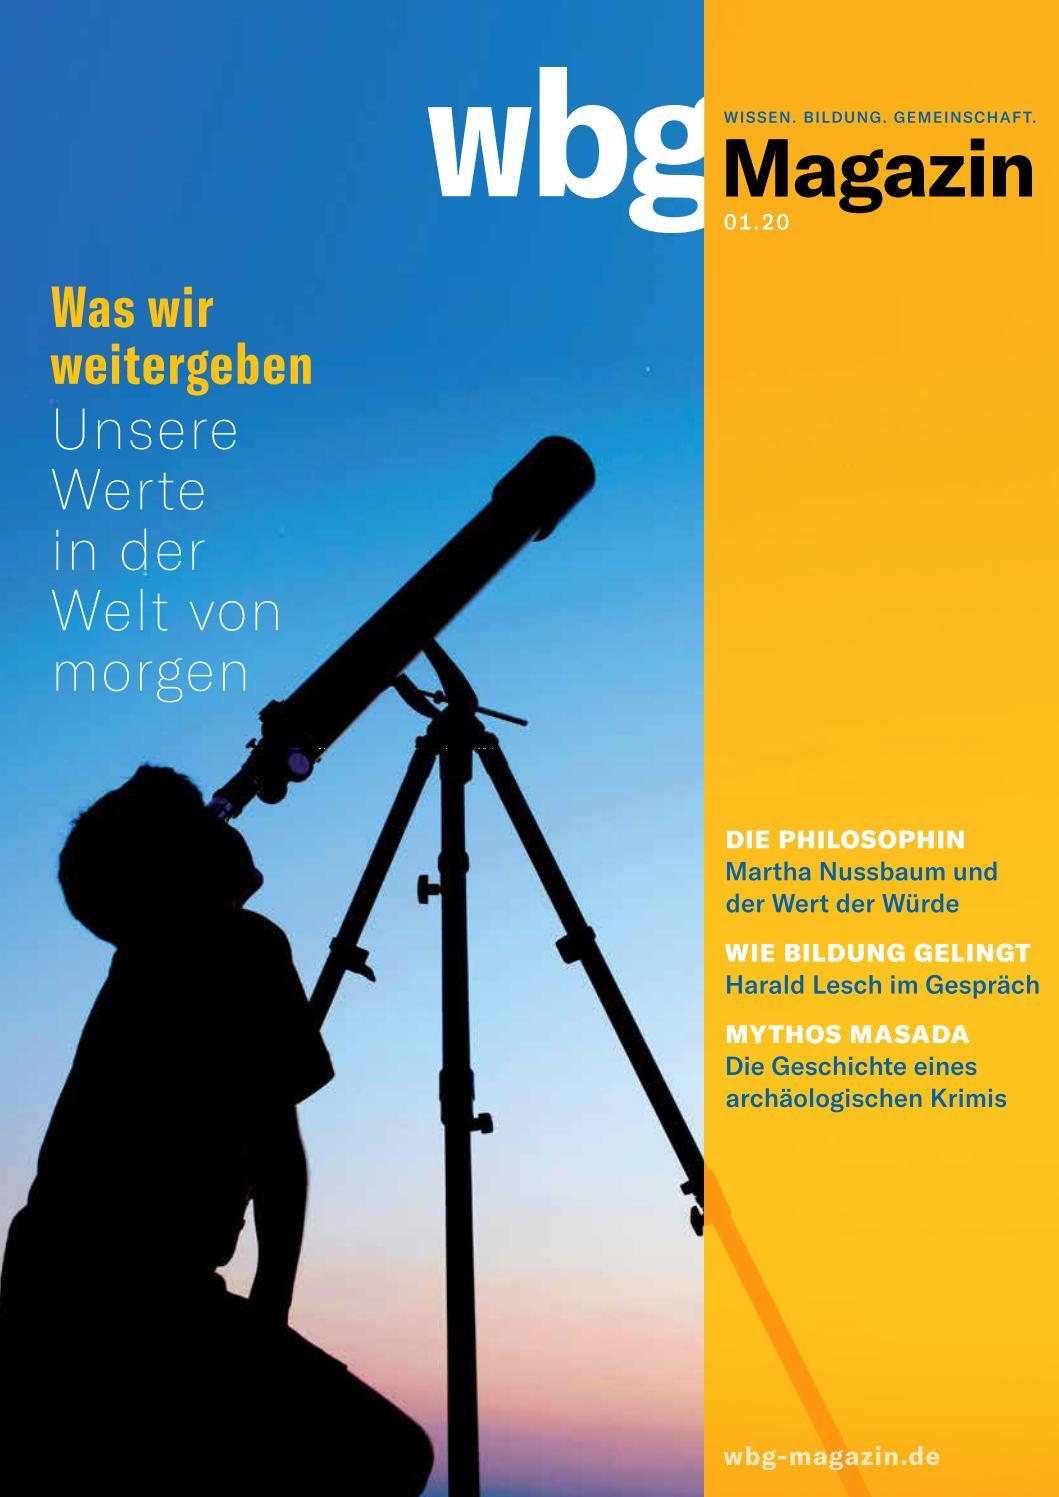 Wbg Magazin 01 20 By Wbg Wissen Bildung Gemeinschaft Issuu